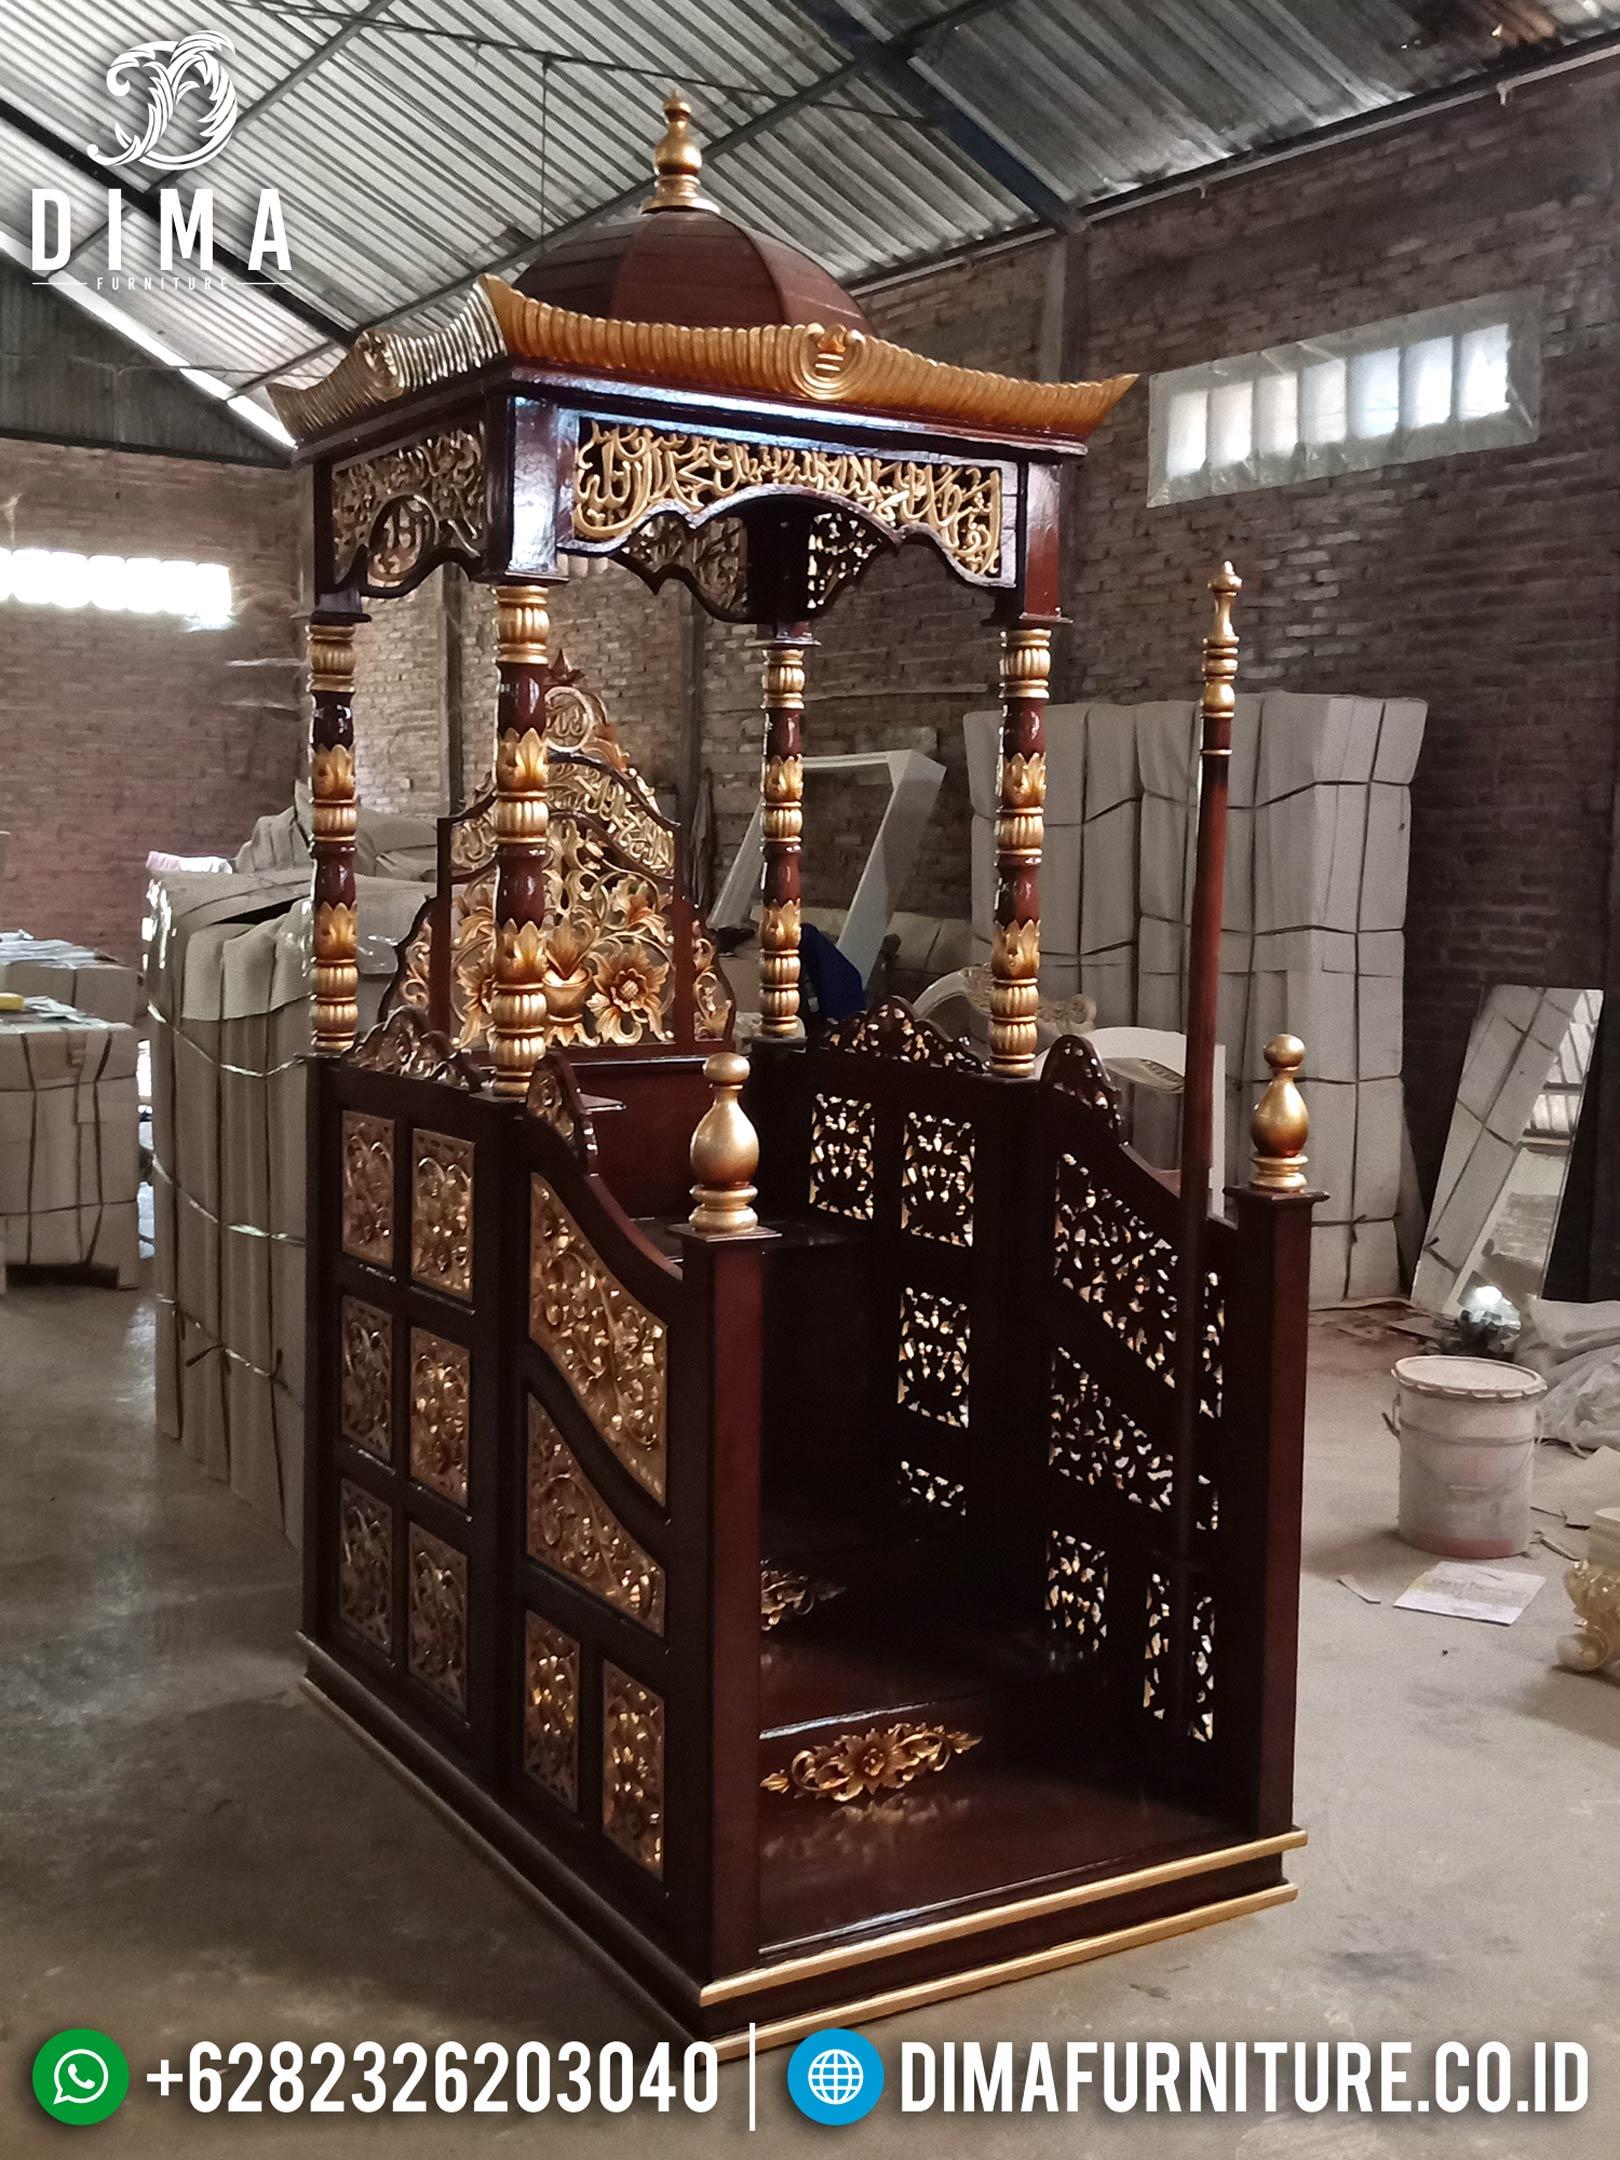 Jual Mimbar Masjid, Mimbar Jati Jepara, Mimbar Masjid Jati DF-0659